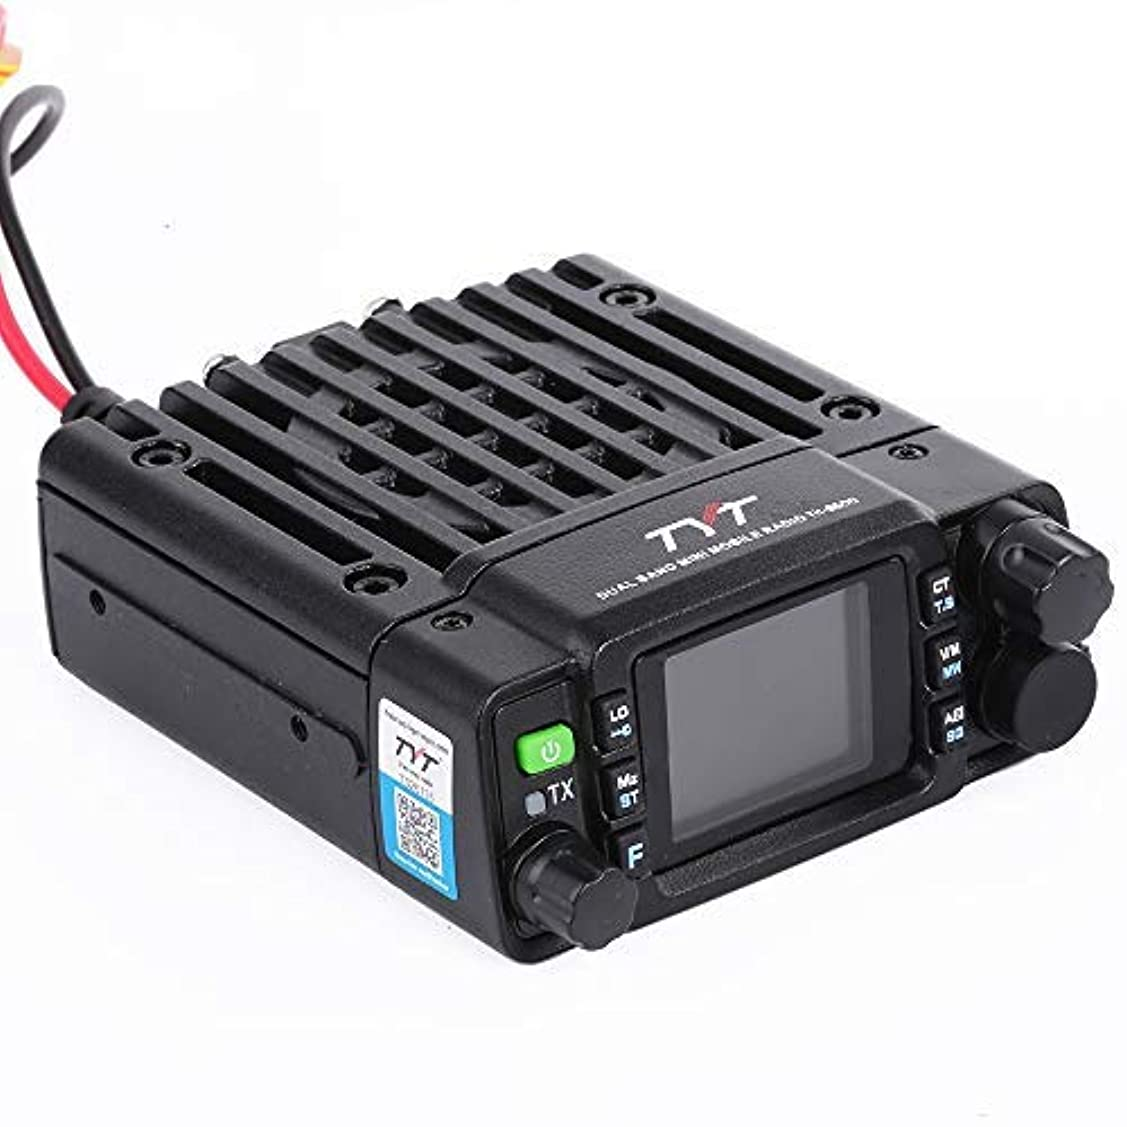 スキャンダラス許す重要な役割を果たす、中心的な手段となるTYT TH-8600 (非IP67バージョン) ミニ25ワット デュアルバンドベース ラジオVHF: 136-174mhz (2m) UHF:400-480mhz (70cm) アマチュアカーモバイルトランシーバー(HAM) フリーケーブル